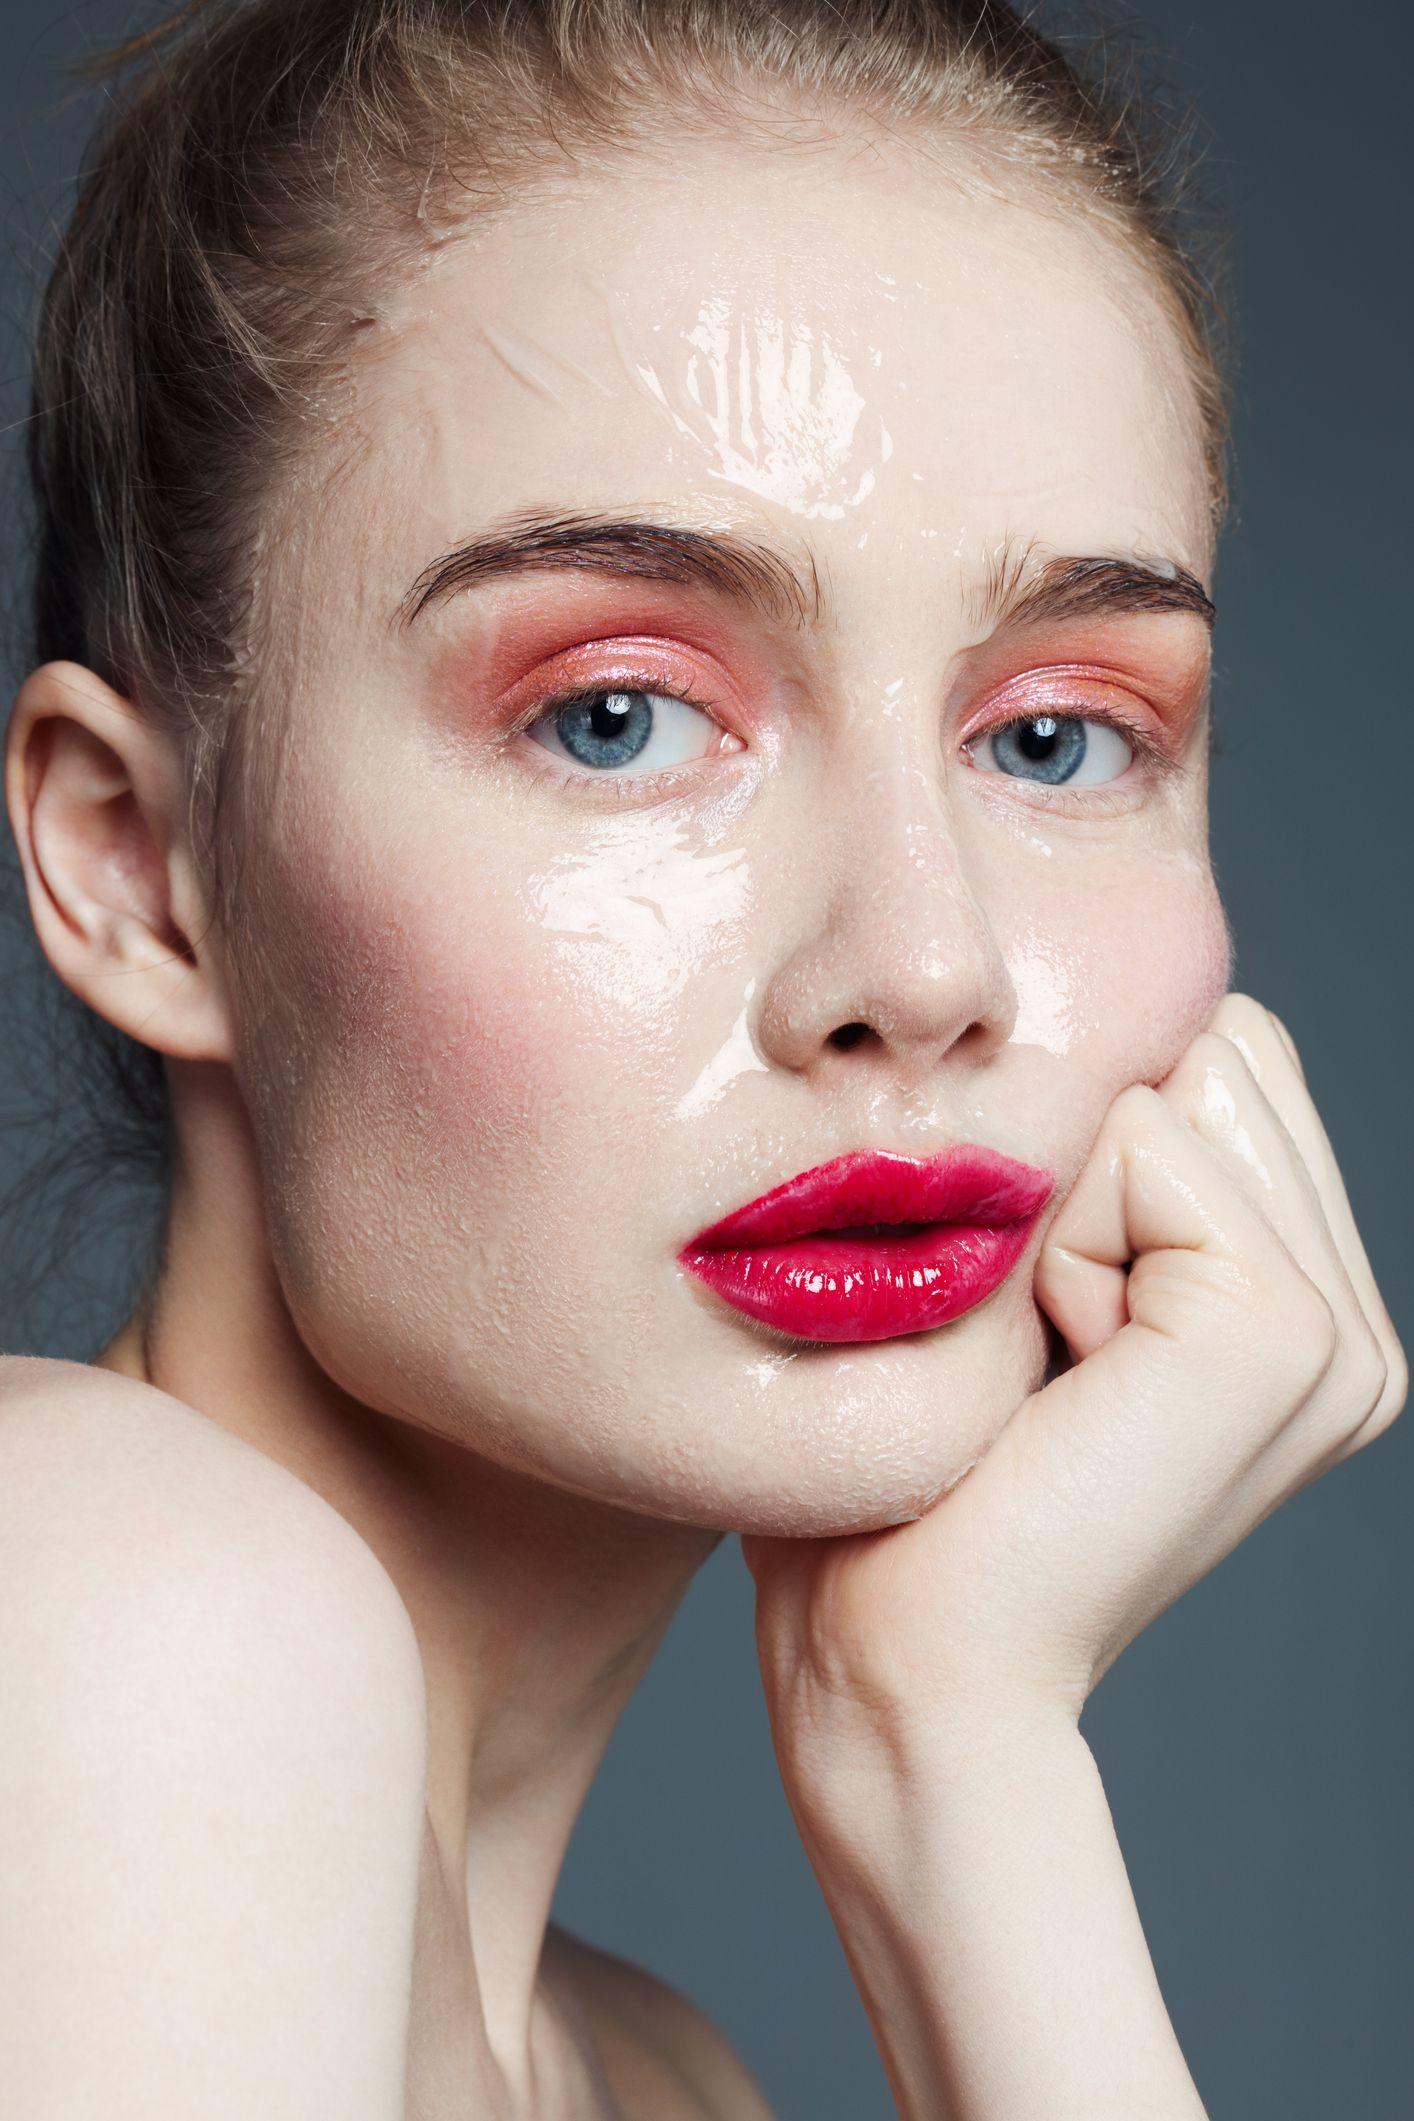 Le maschere viso per pelli sensibili (arrossiremo solo per emozioni, promesso)